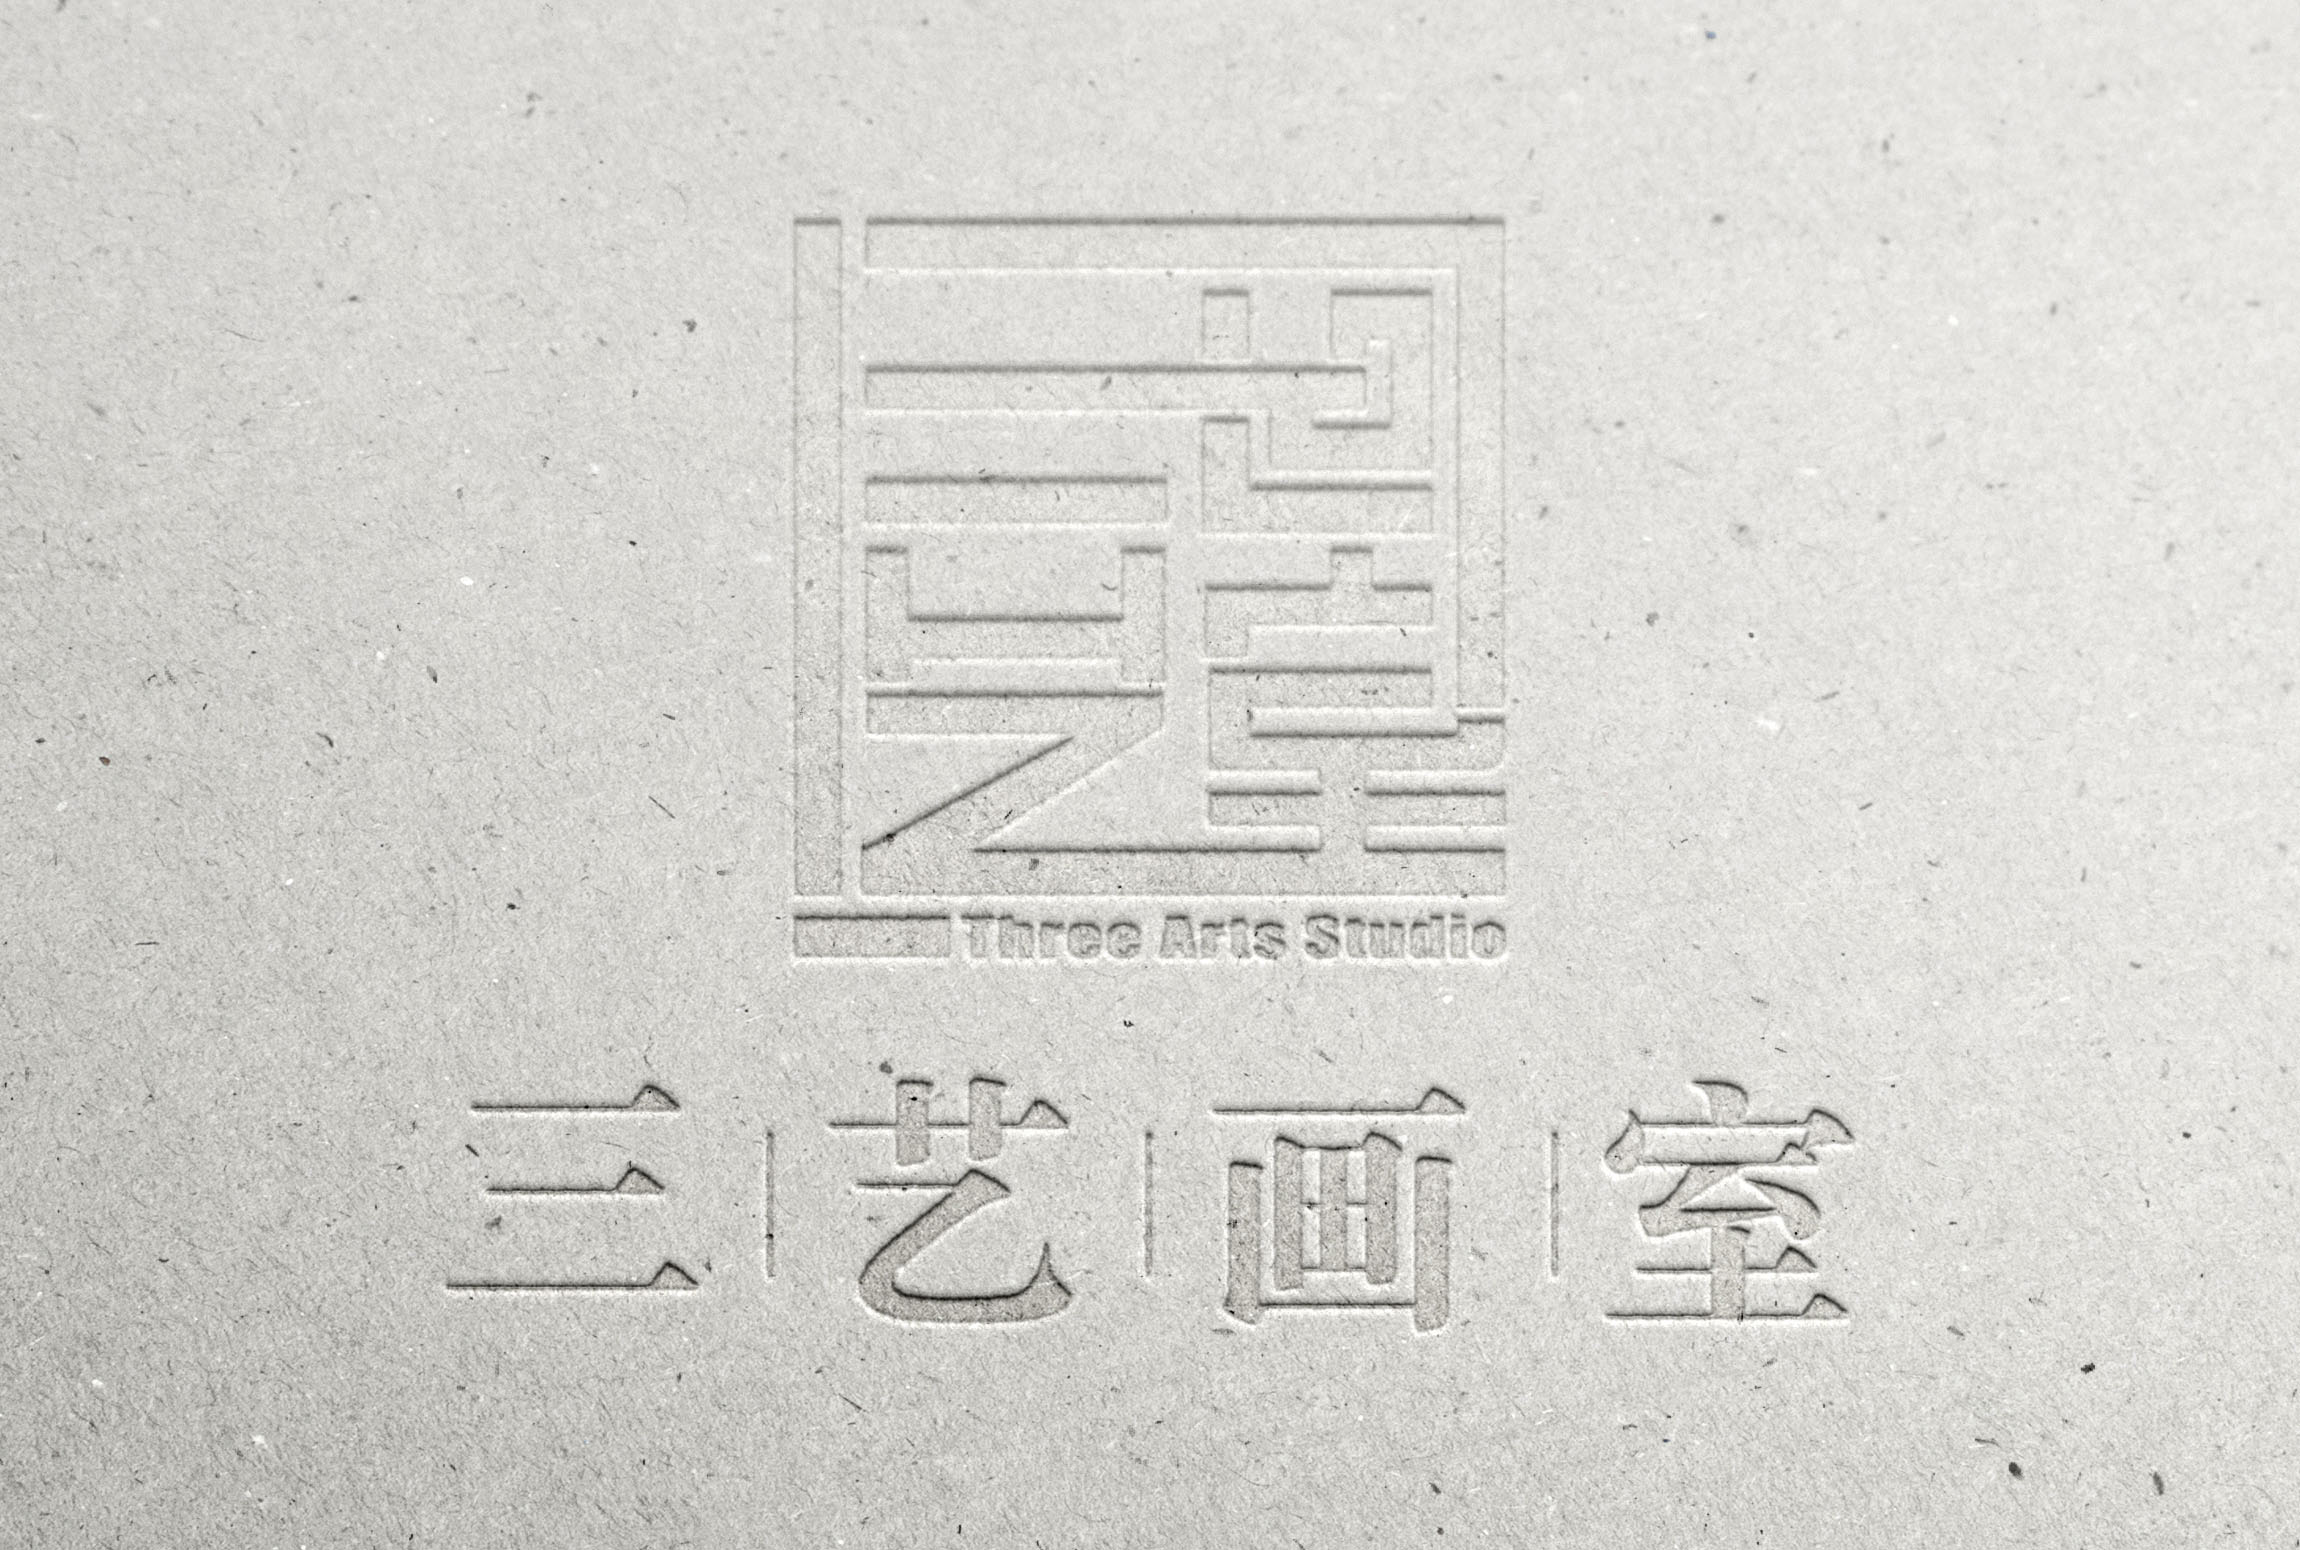 画室logo图片